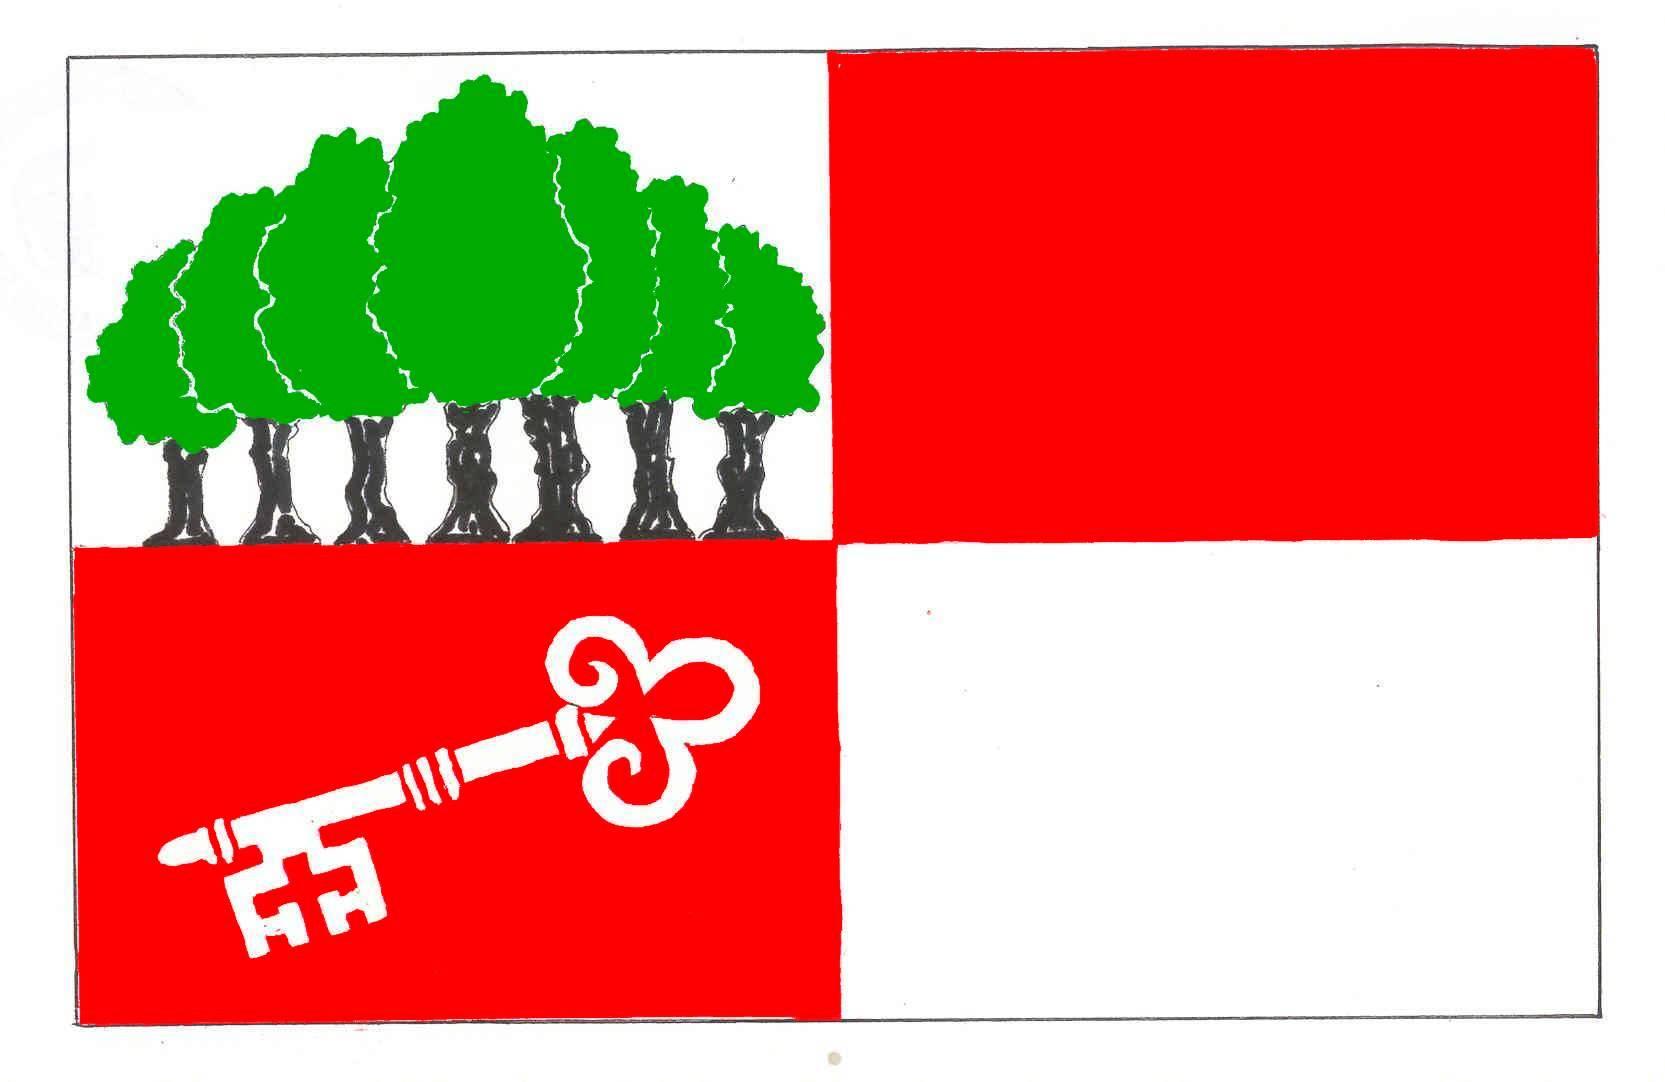 Flagge GemeindeSiebenbäumen, Kreis Herzogtum Lauenburg